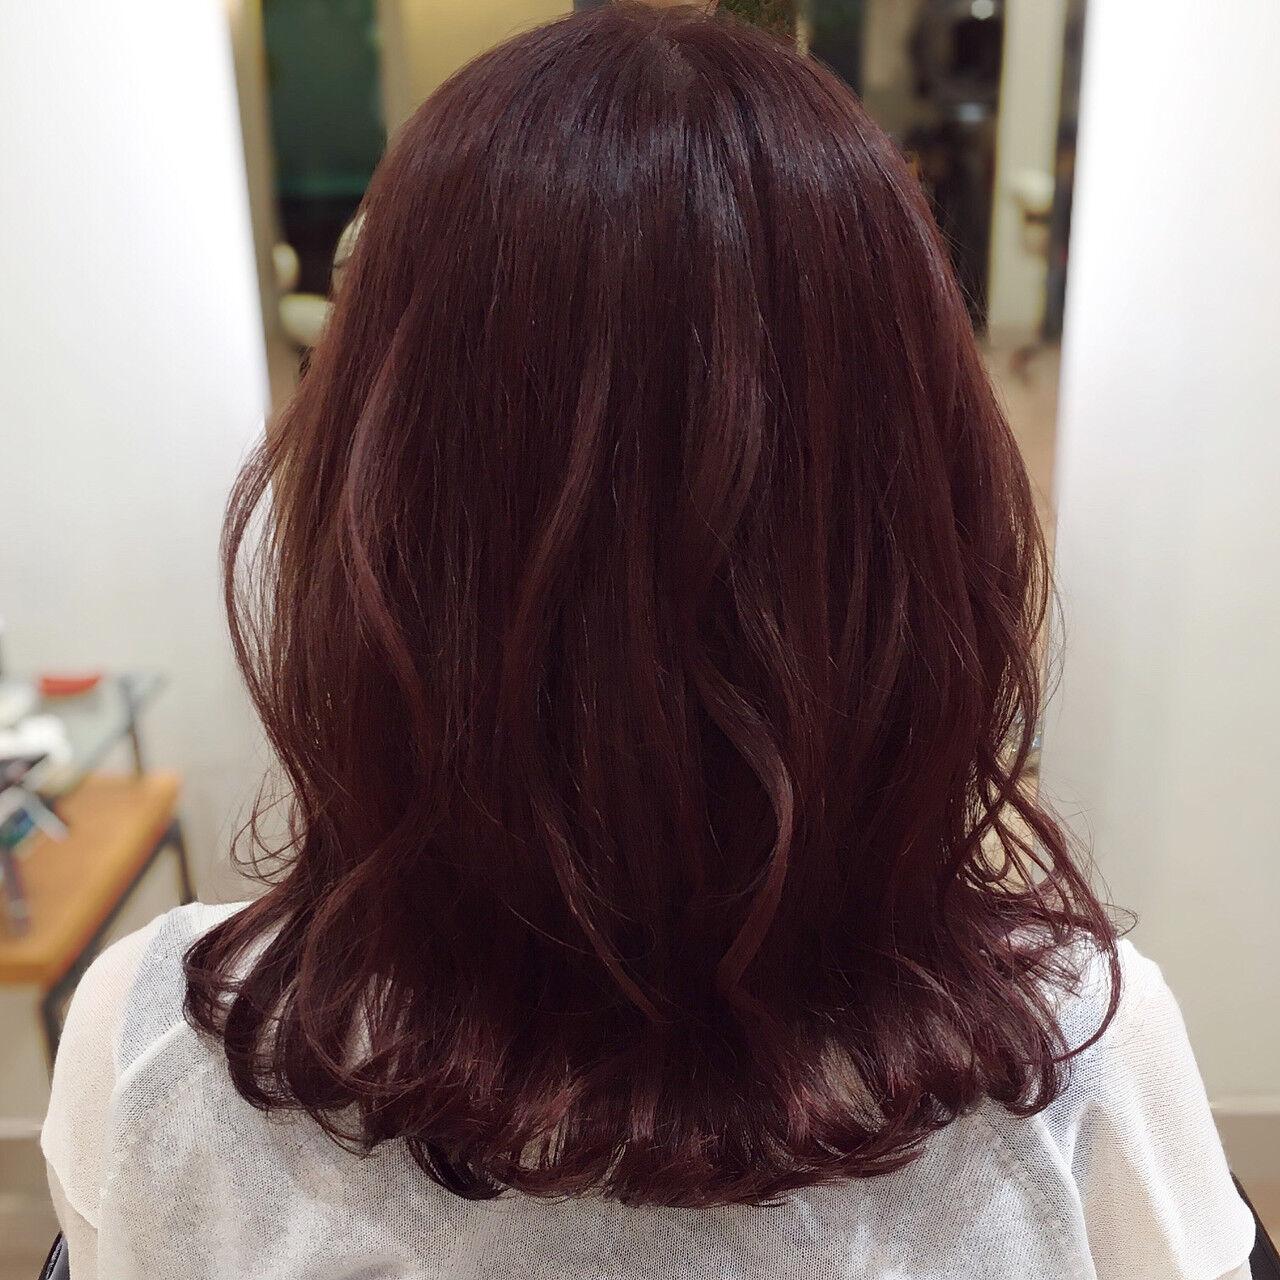 ピンクベージュ ピンク ピンクブラウン ピンクバイオレットヘアスタイルや髪型の写真・画像